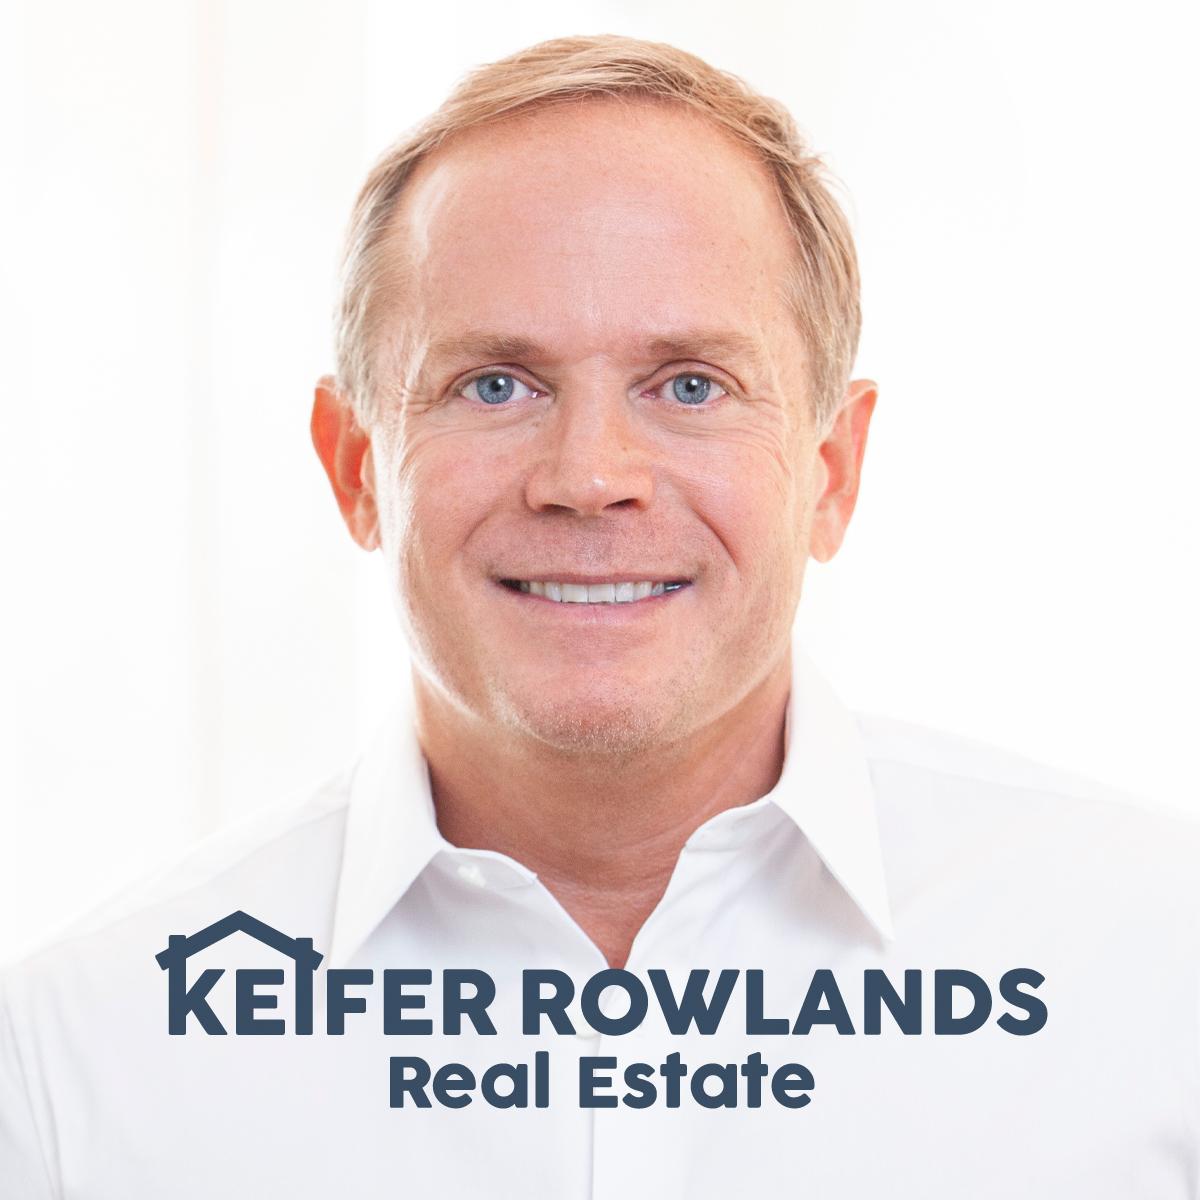 Keifer Rowlands